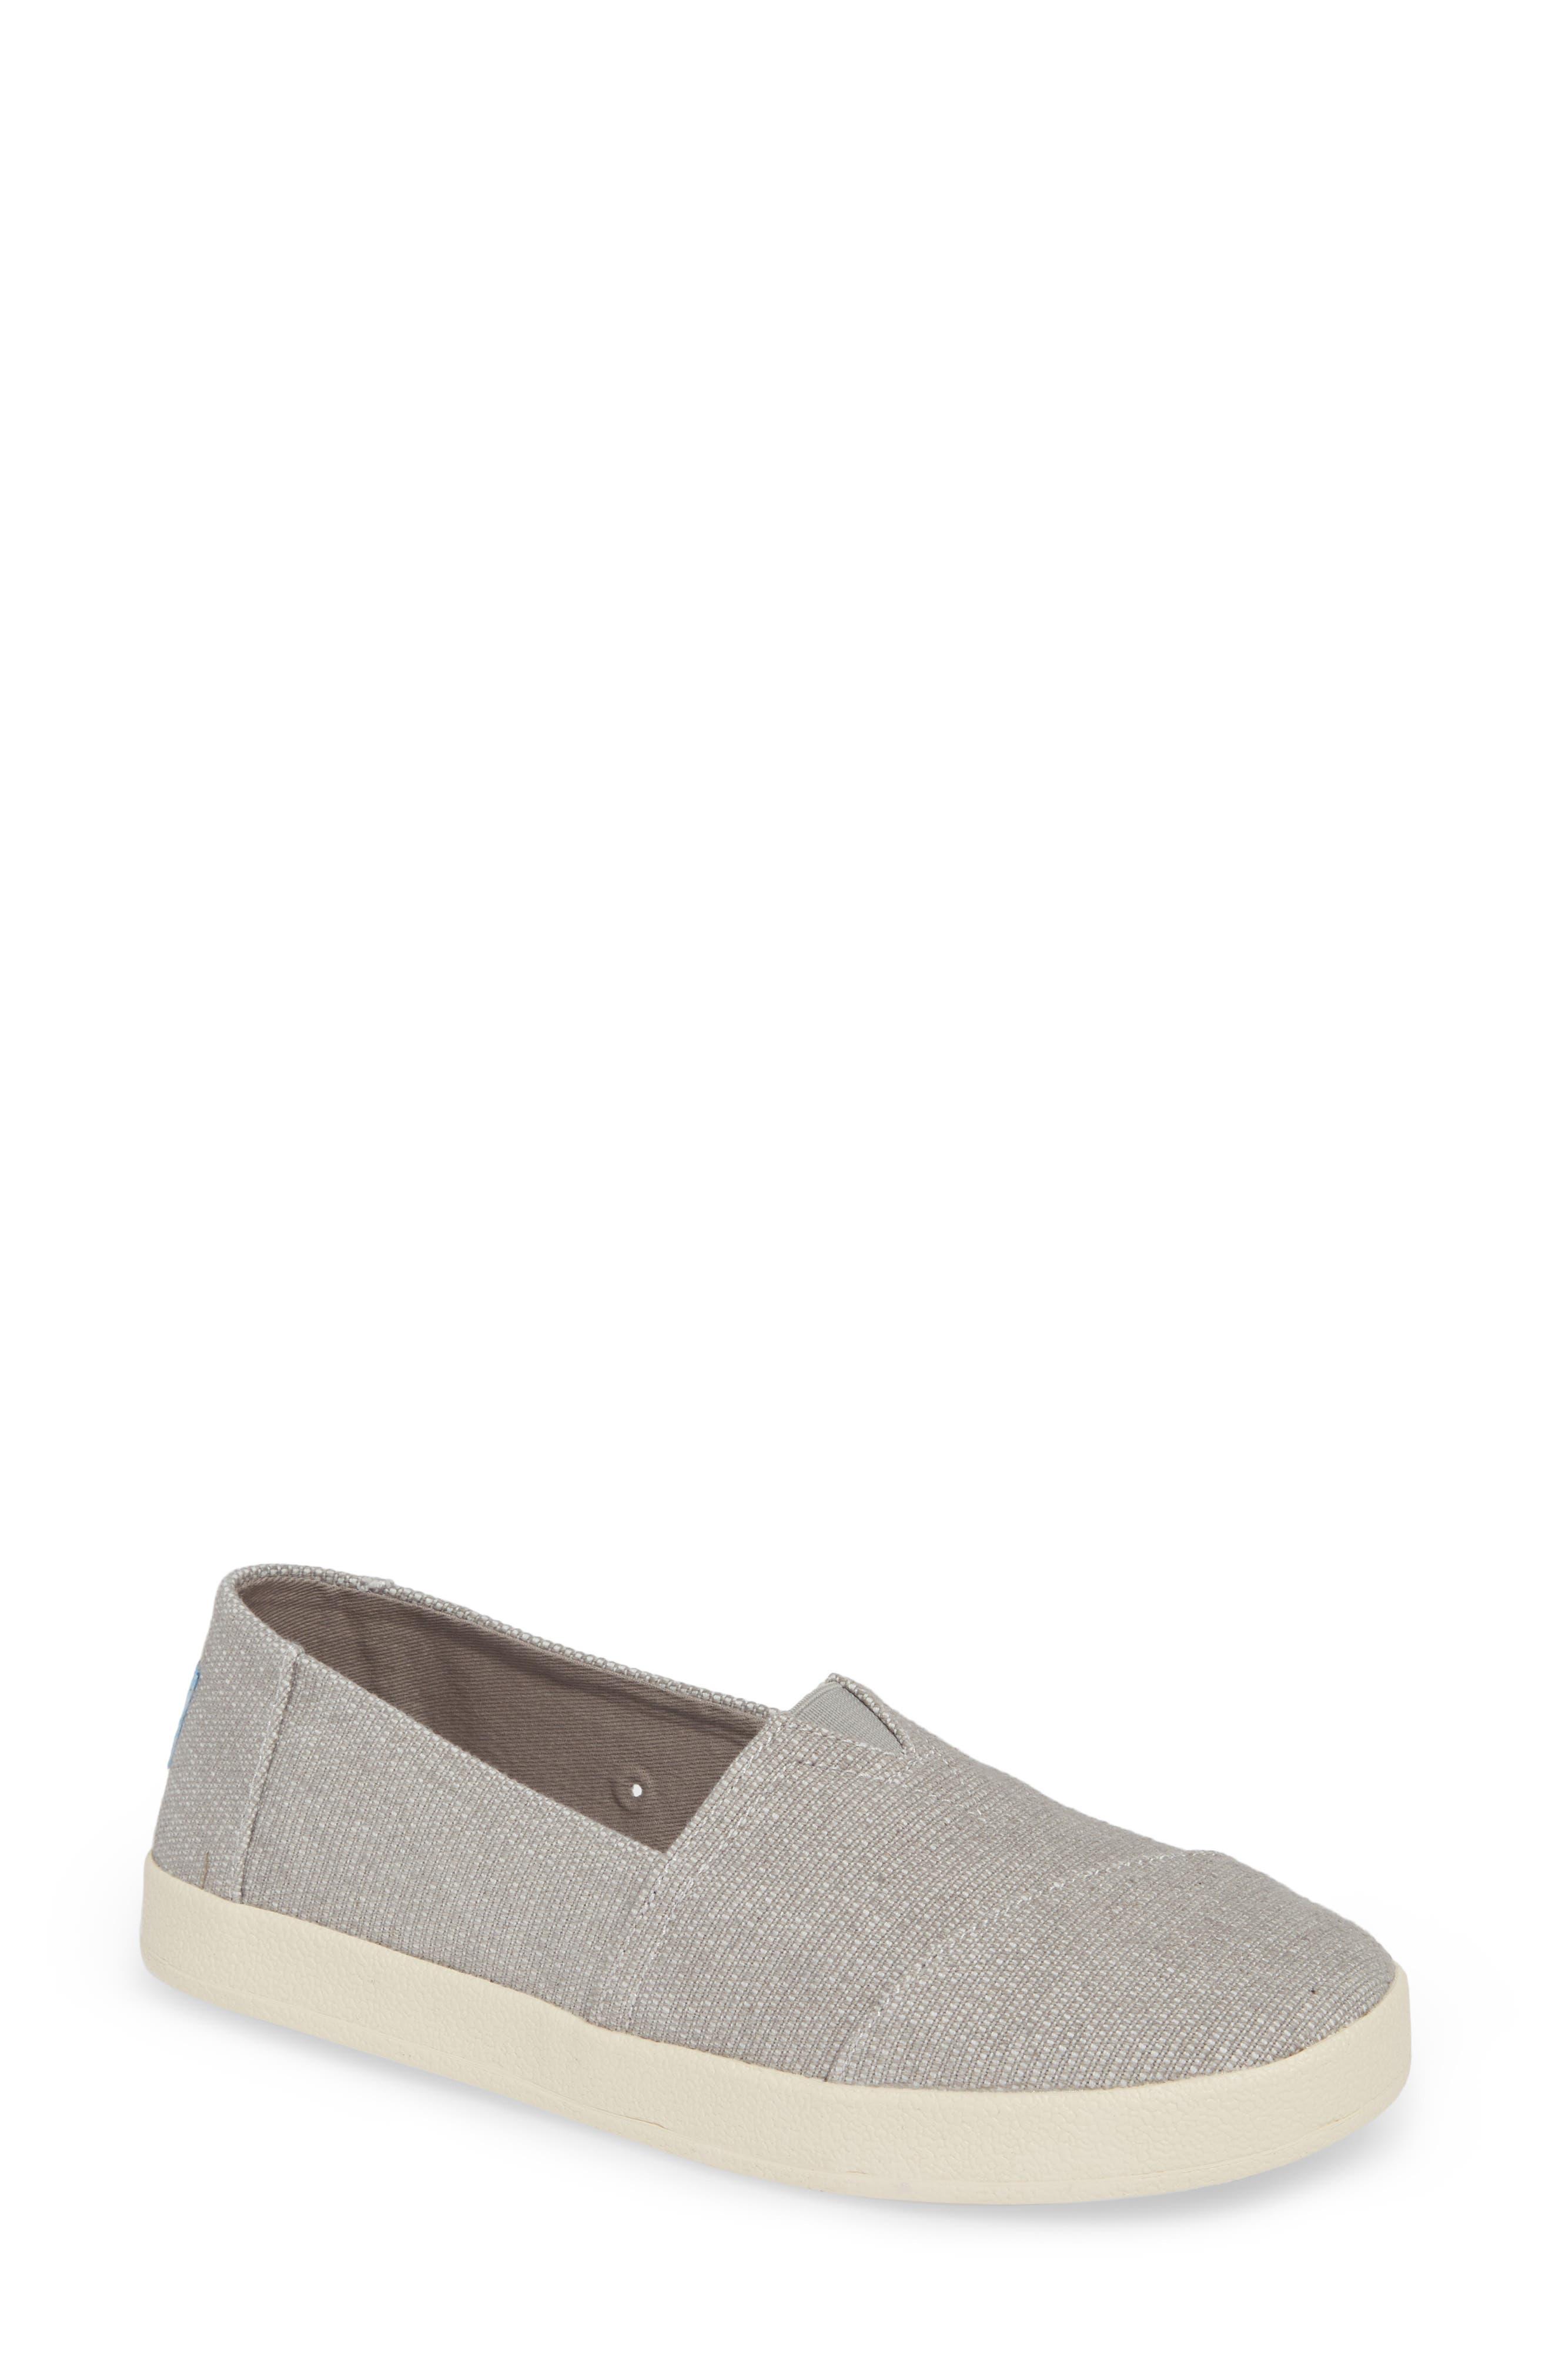 Toms Avalon Slip-On Sneaker B - Grey